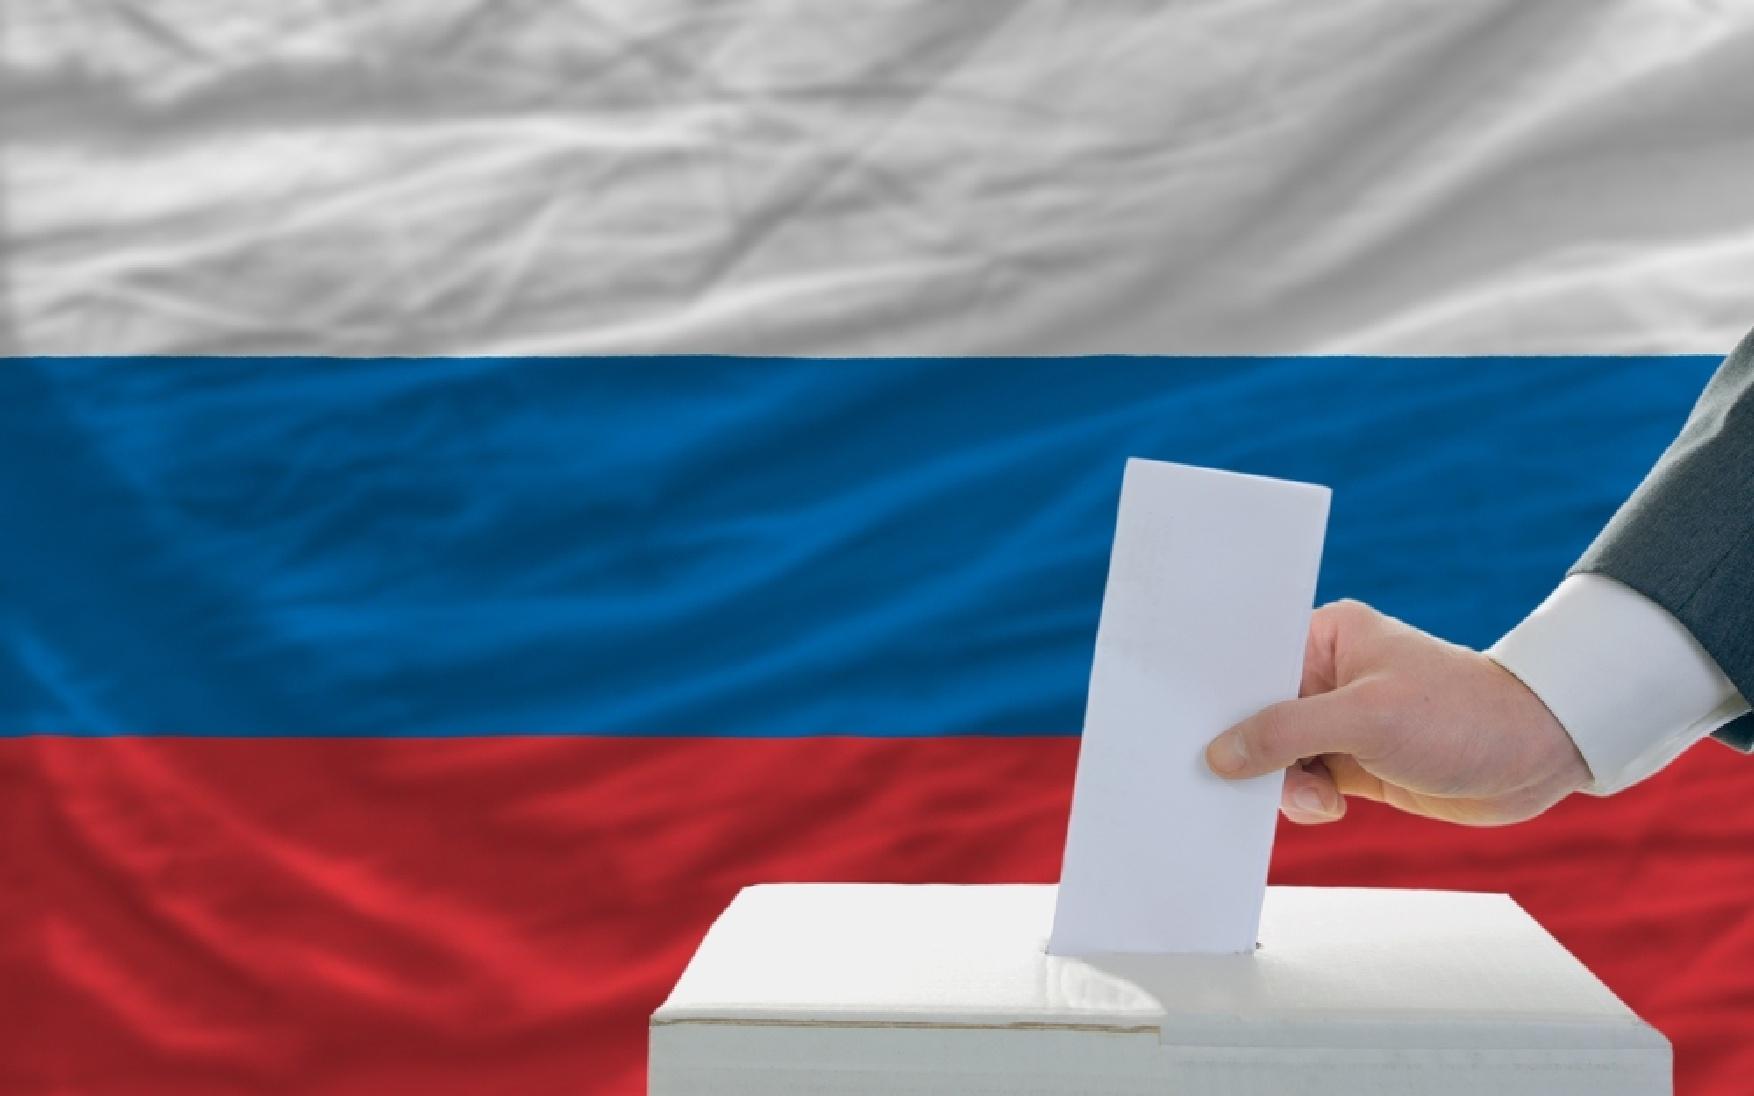 روسيا تتجه إلى إلغاء غير مسبوق لانتخابات محلية بسبب تزوير عدد الأصوات